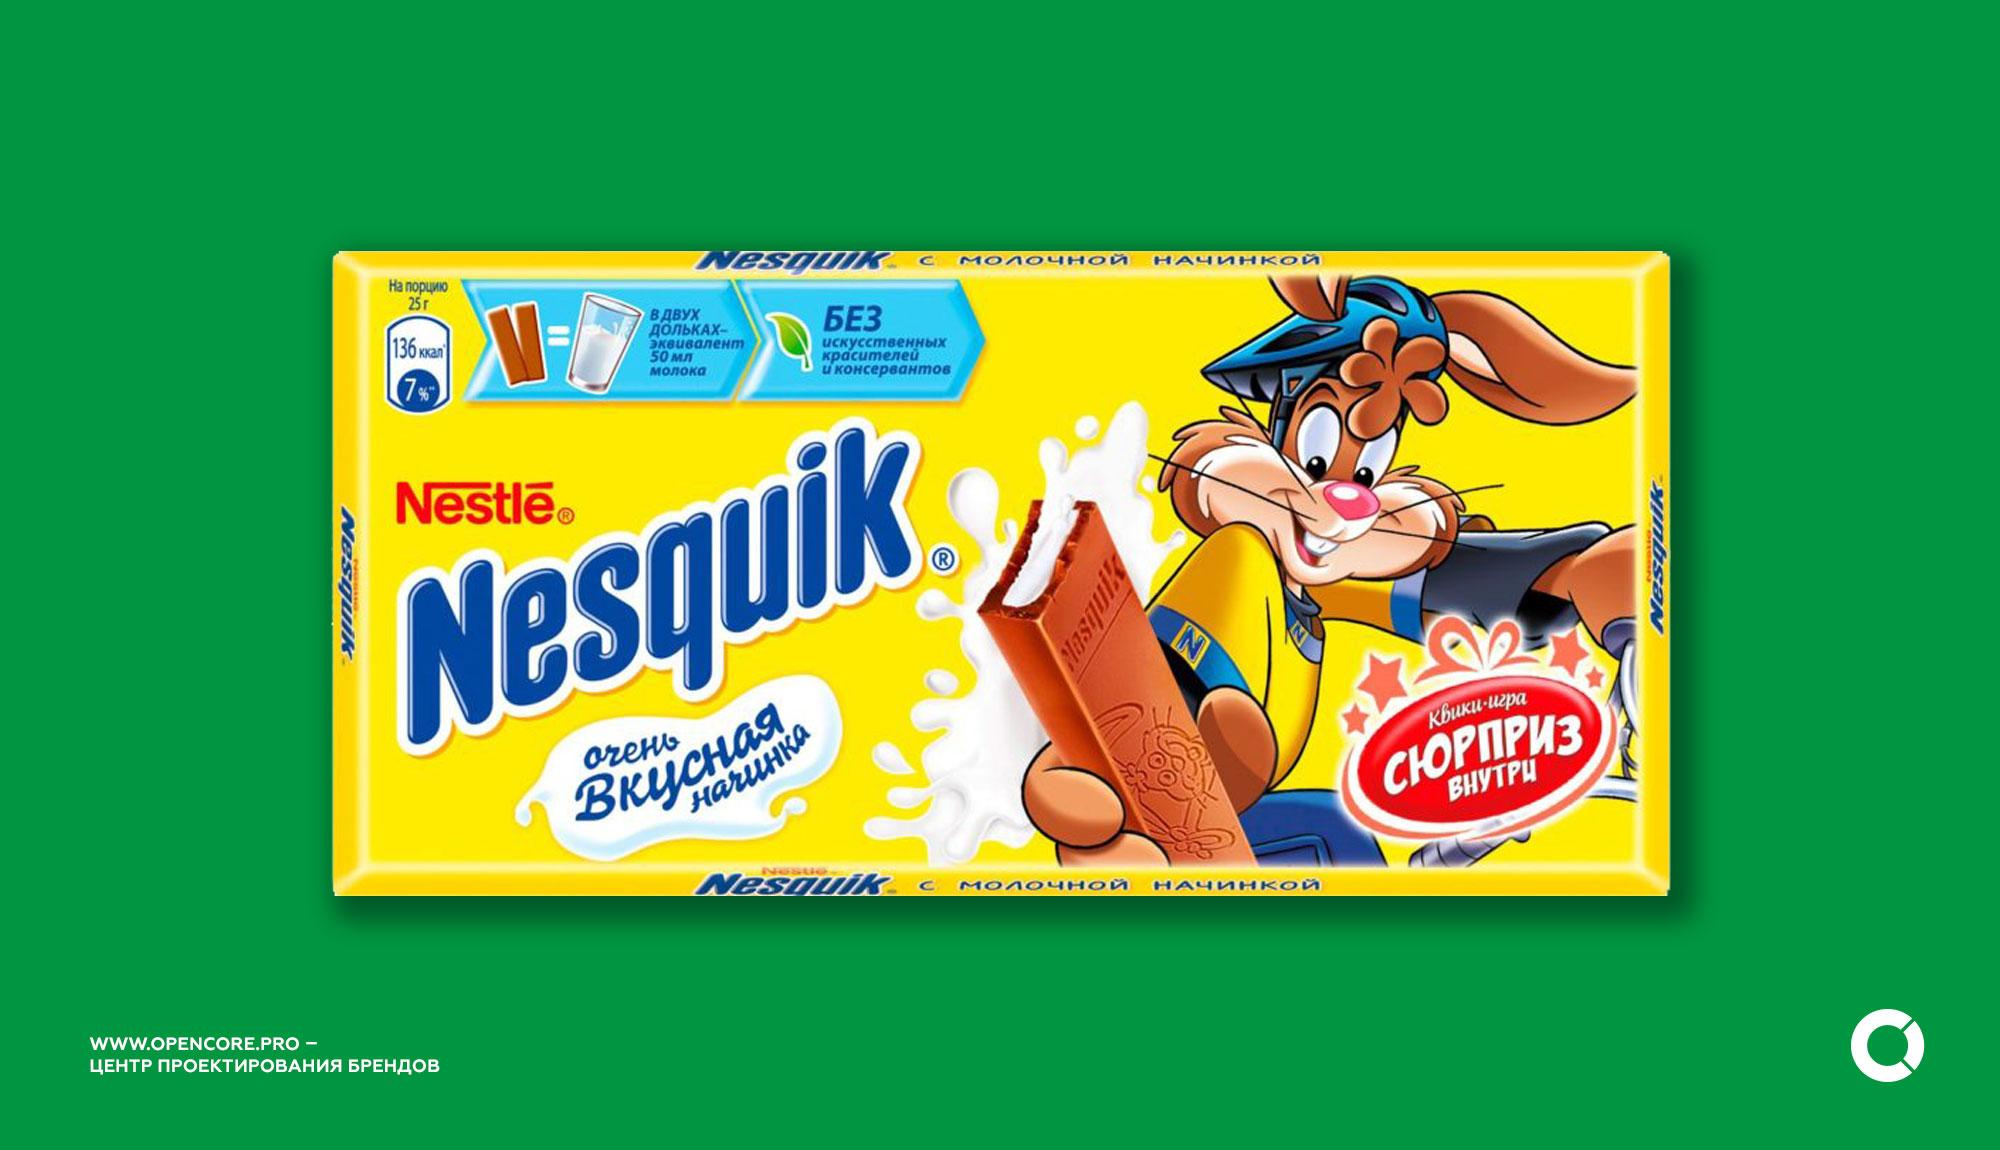 методология исследования бренда на примере Nesquik